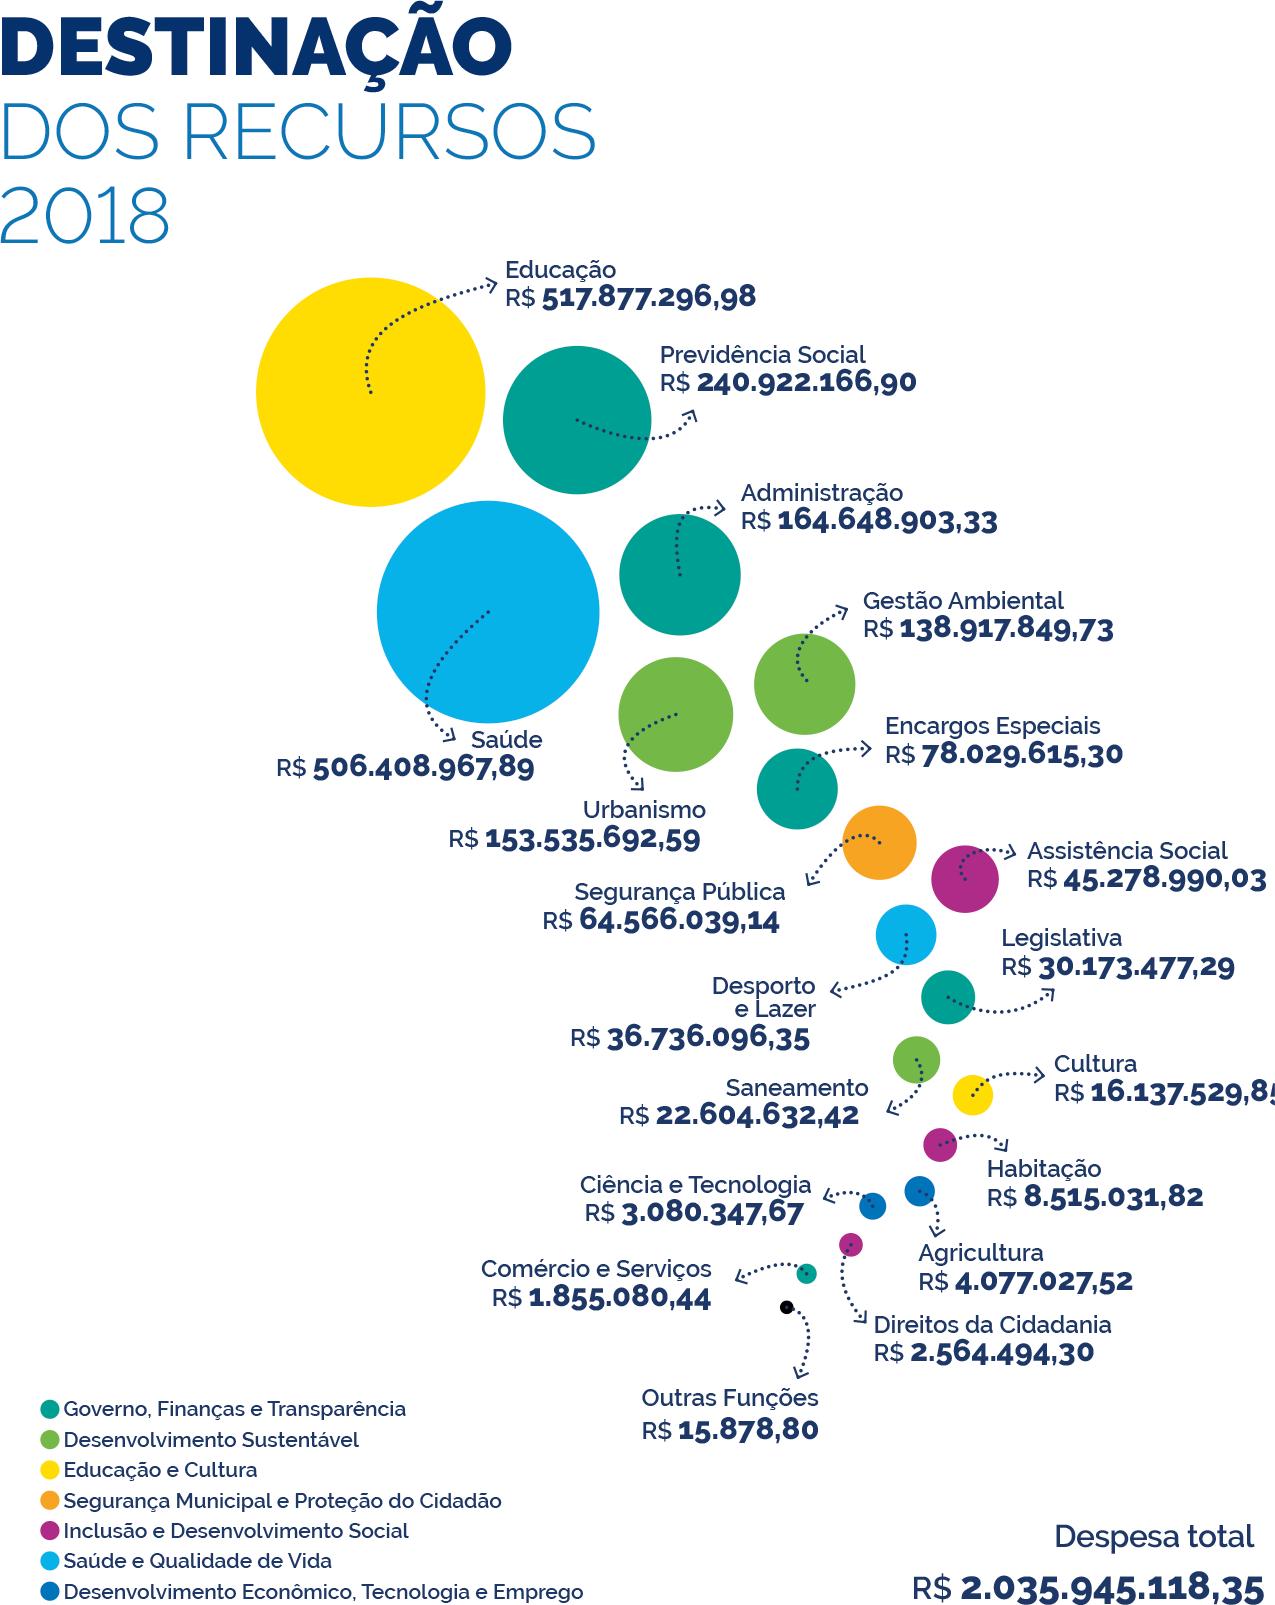 Gráfico com a destinação dos recursos em 2018